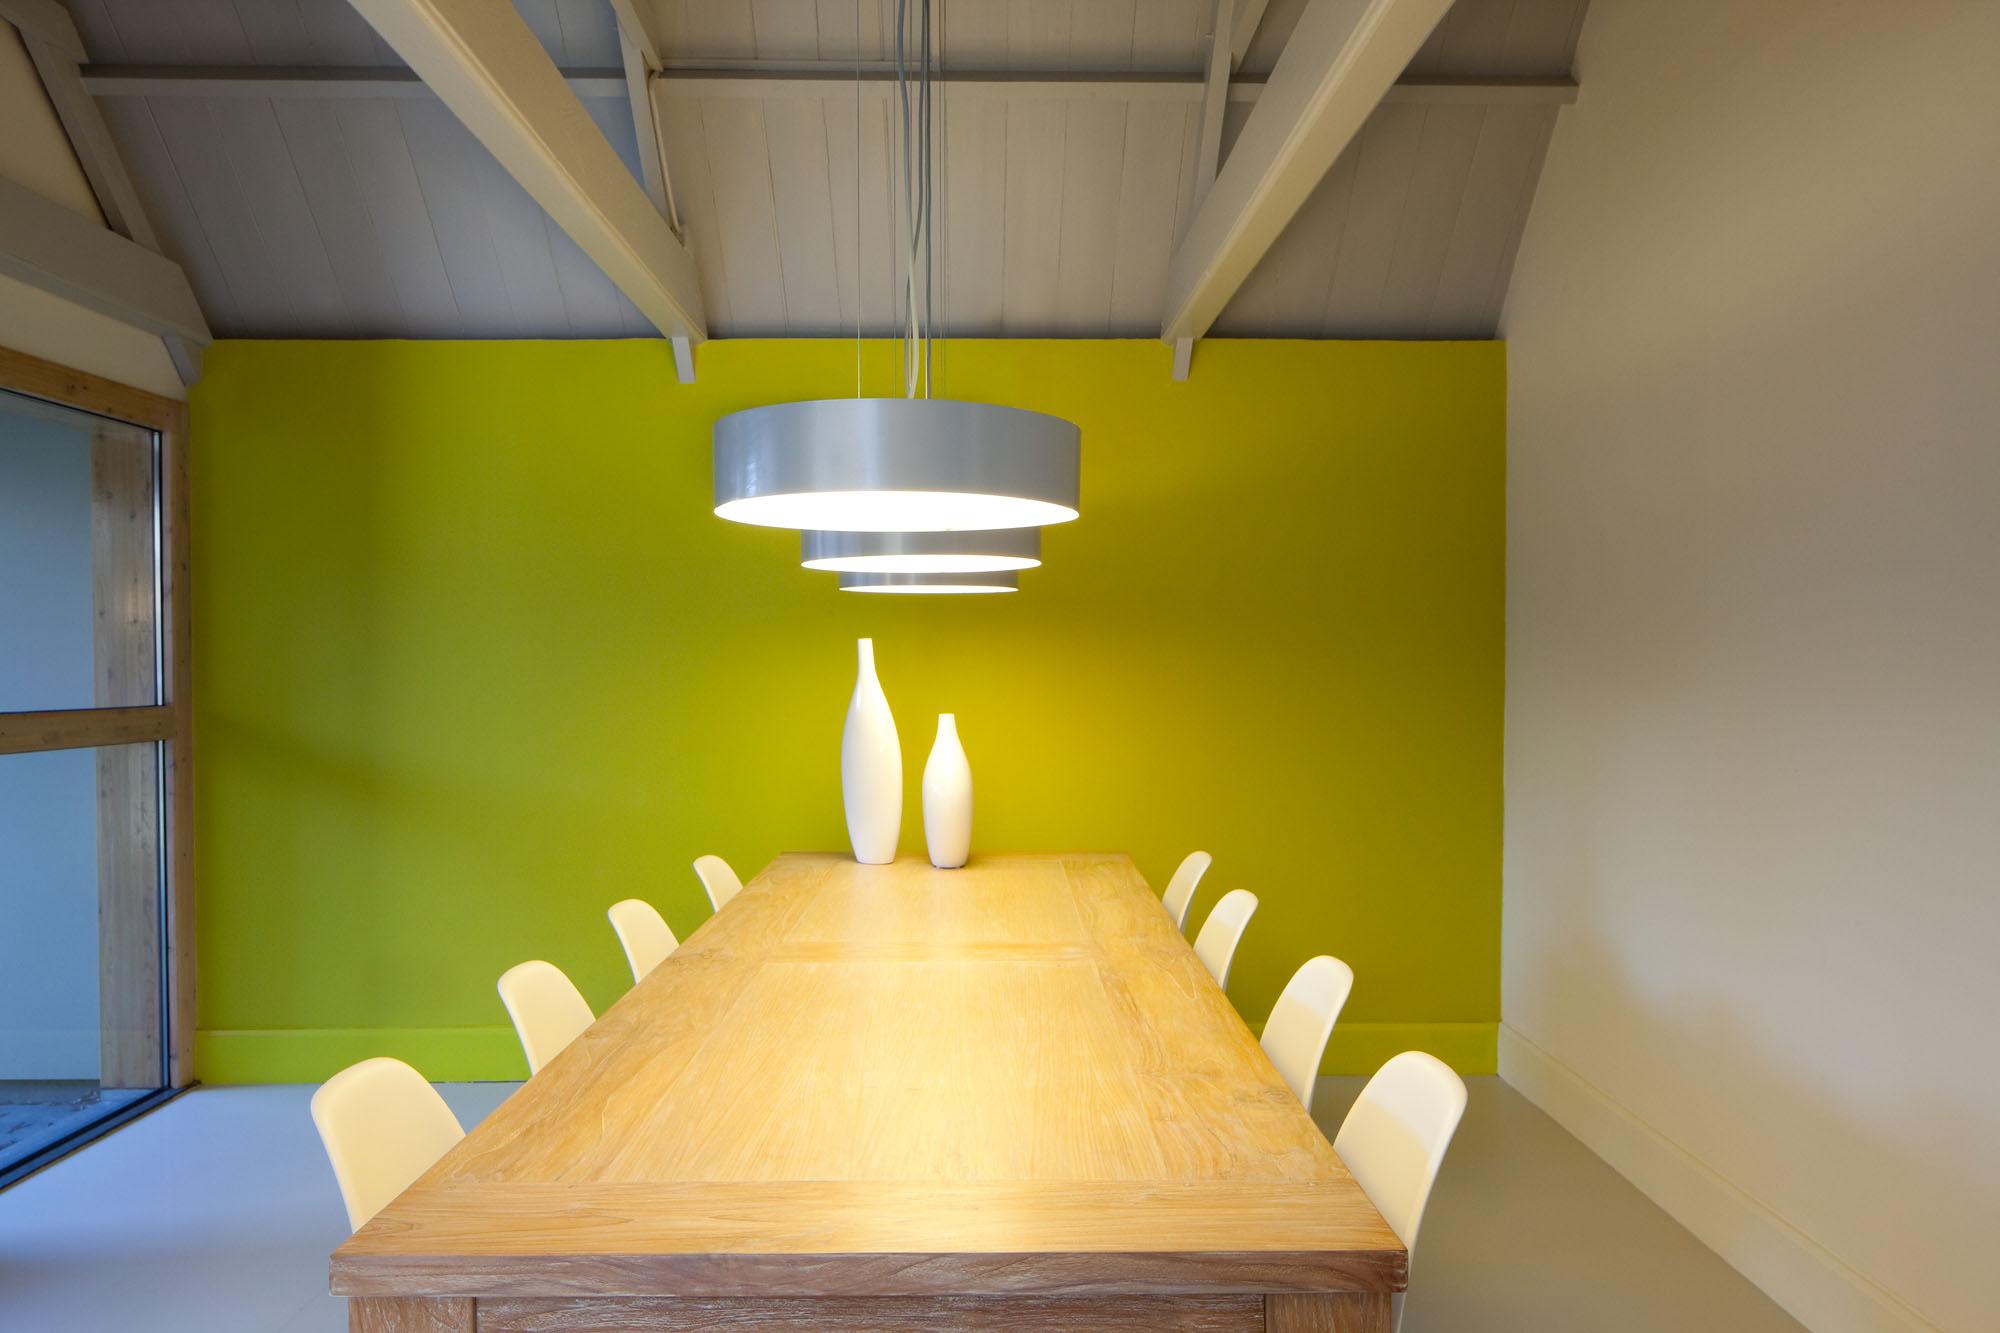 Foto van een vergadertafel met groene achterwand